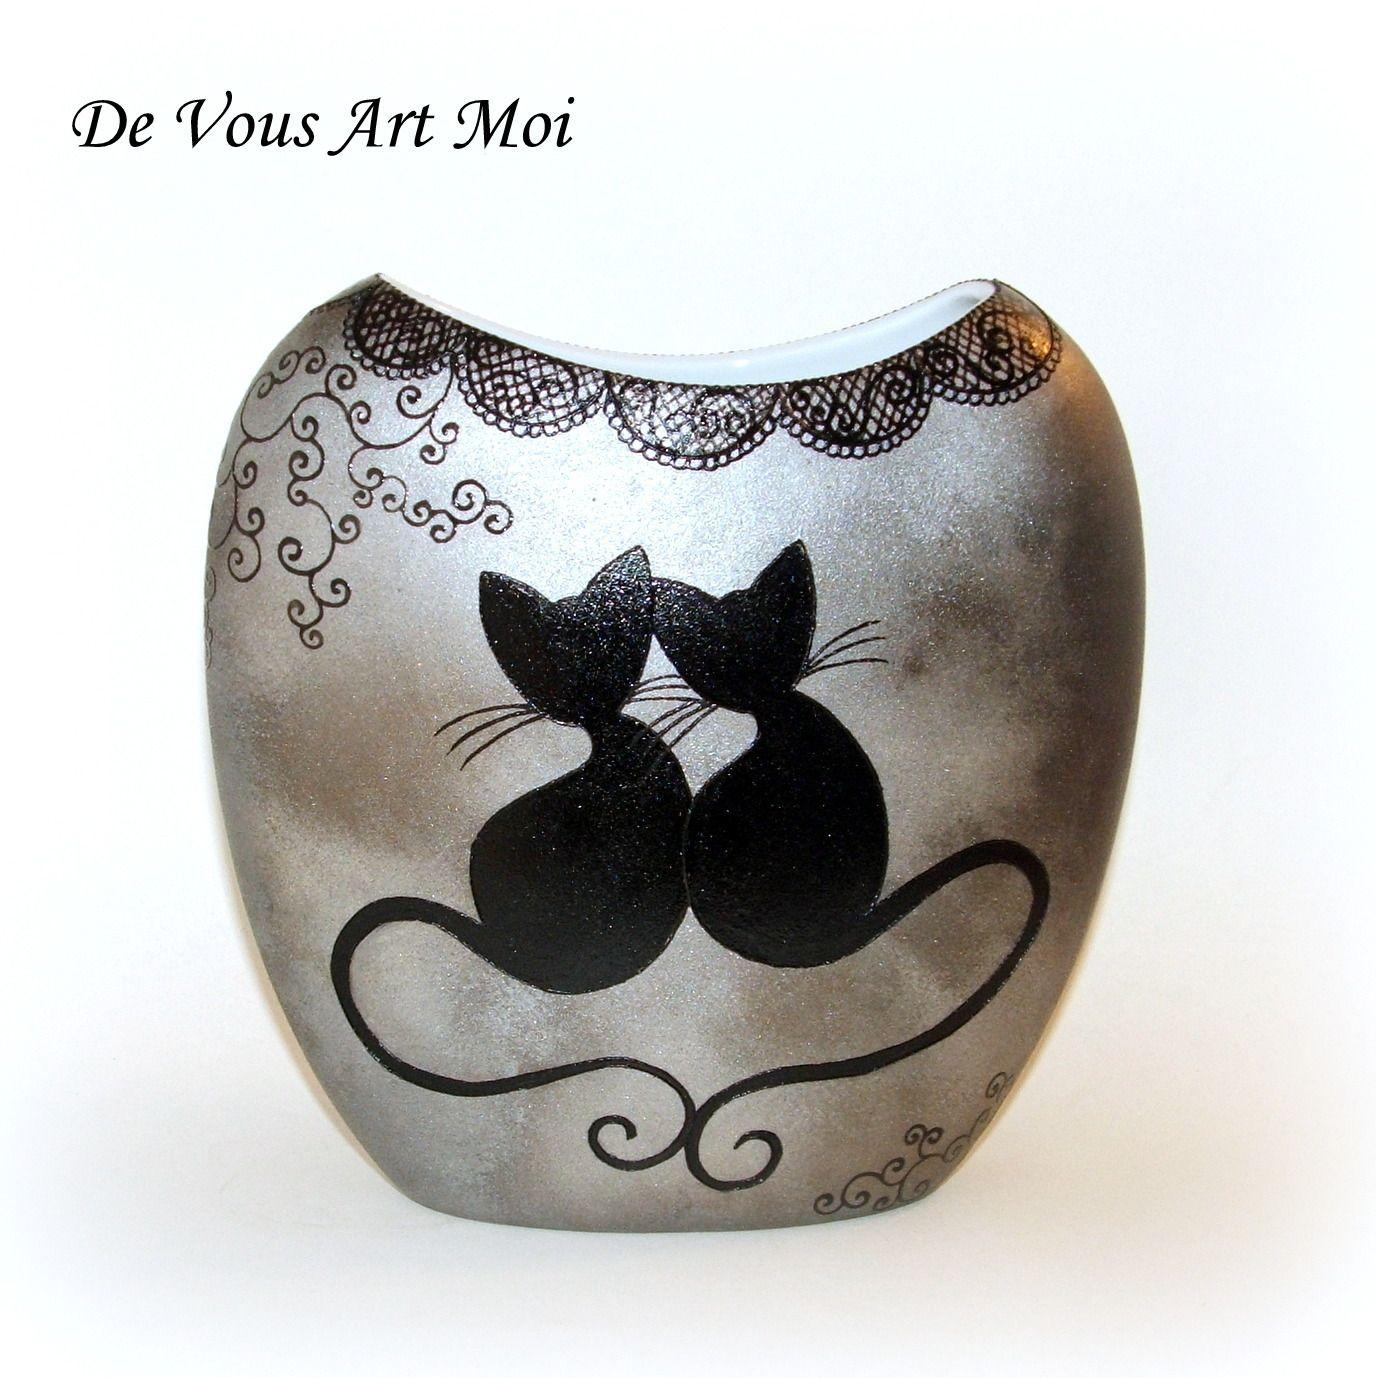 vase moderne collection chat en porcelaine peinte la. Black Bedroom Furniture Sets. Home Design Ideas